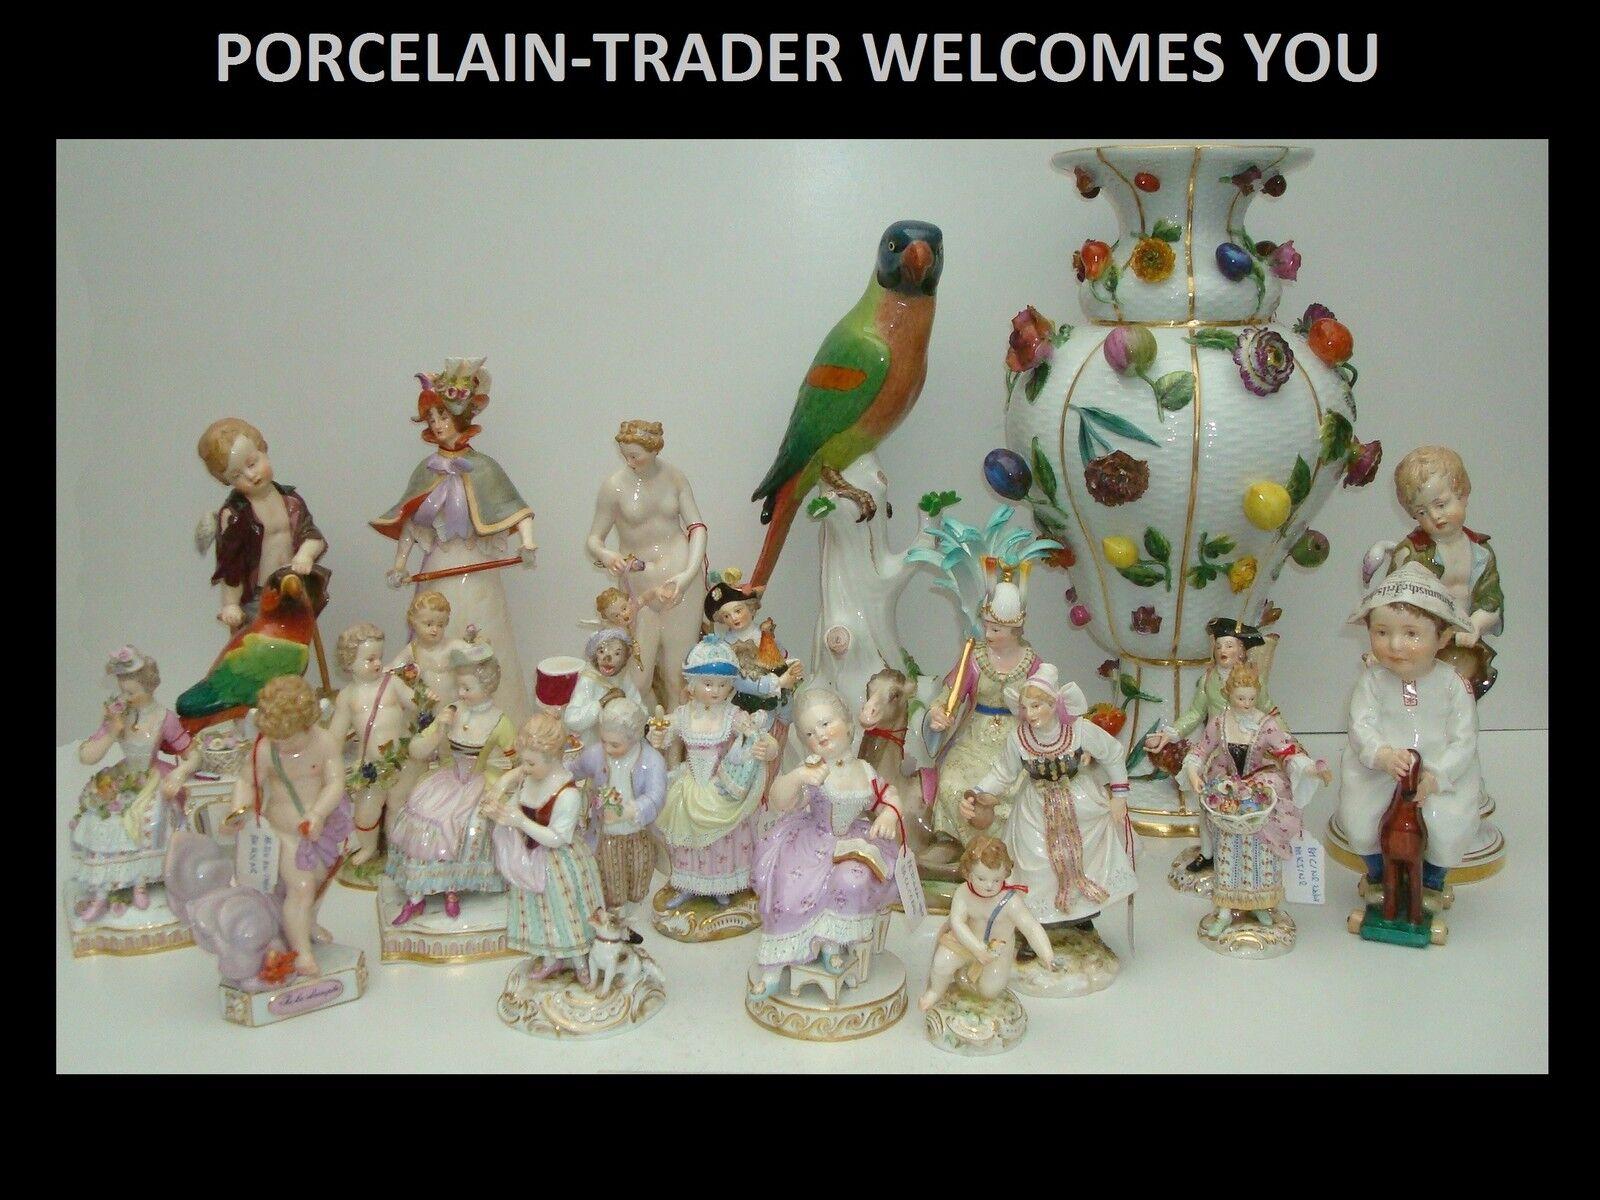 PORCELAIN-TRADER